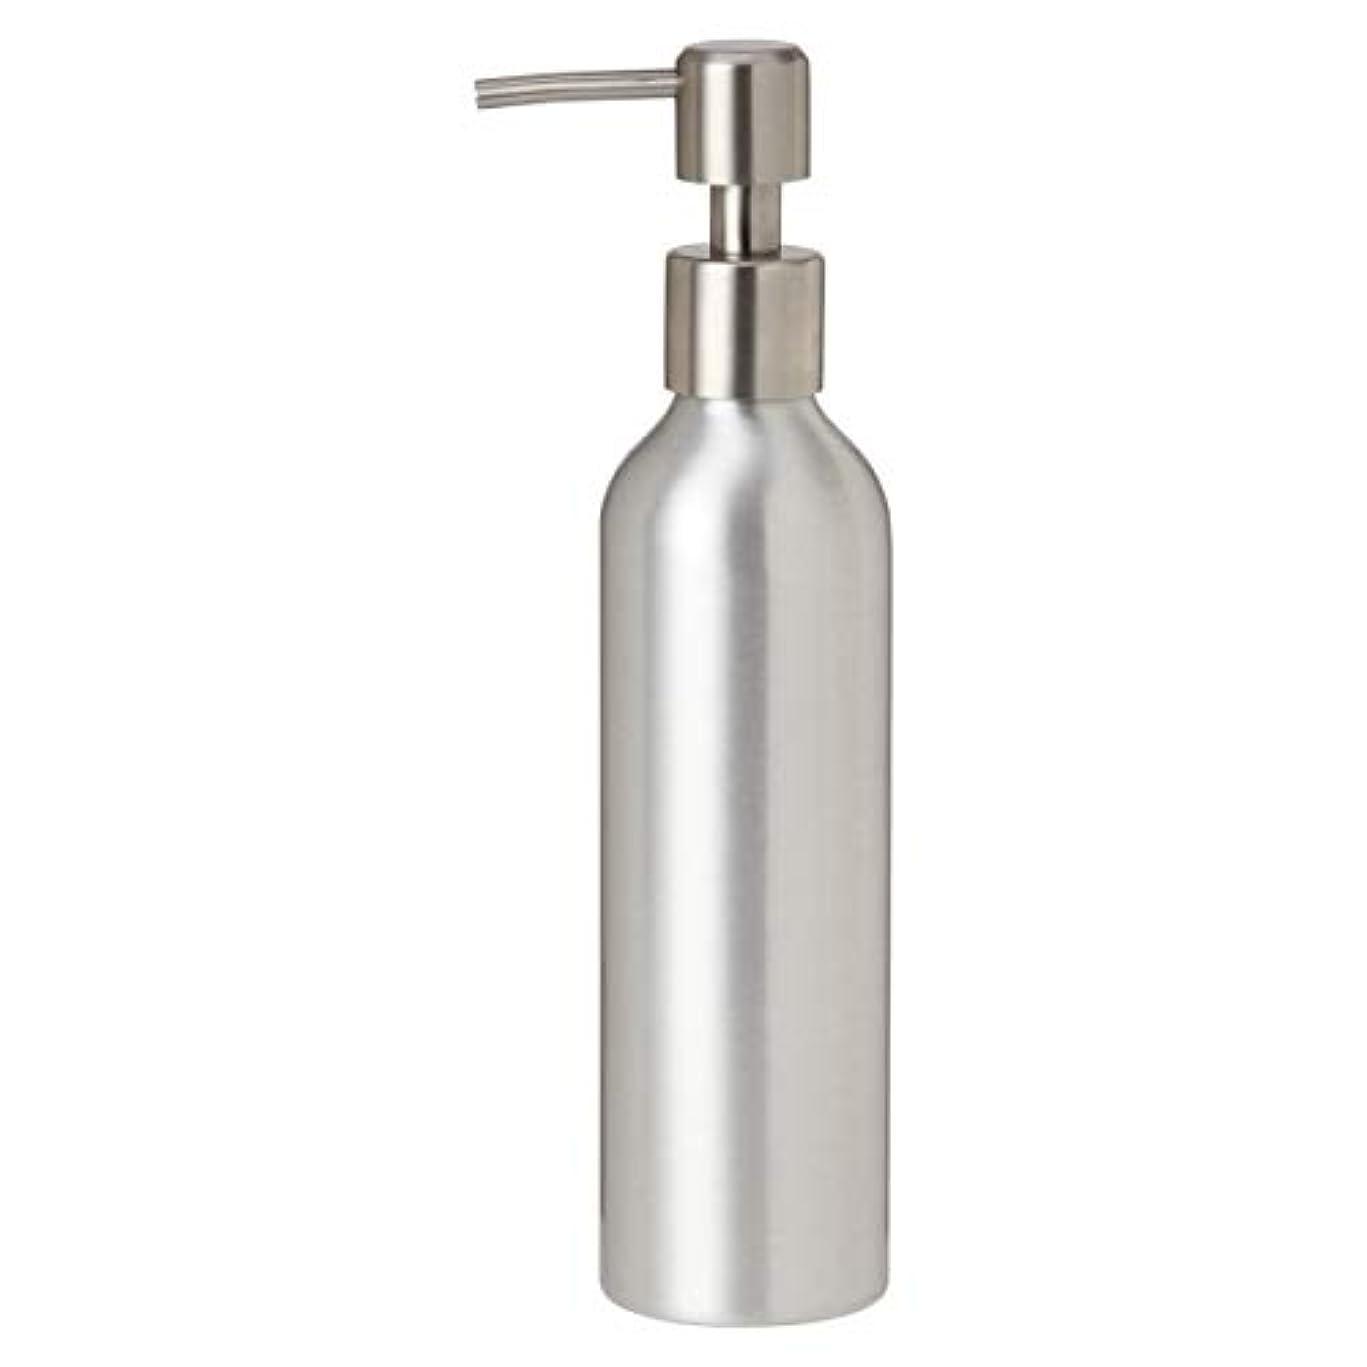 流すブラウズクレーターアルミポンプボトル 250mL [ オイルウォーマー オイルトリートメント オイルボトル マッサージオイル アロママッサージオイル ボディマッサージオイル ボディオイル アロマオイル ]